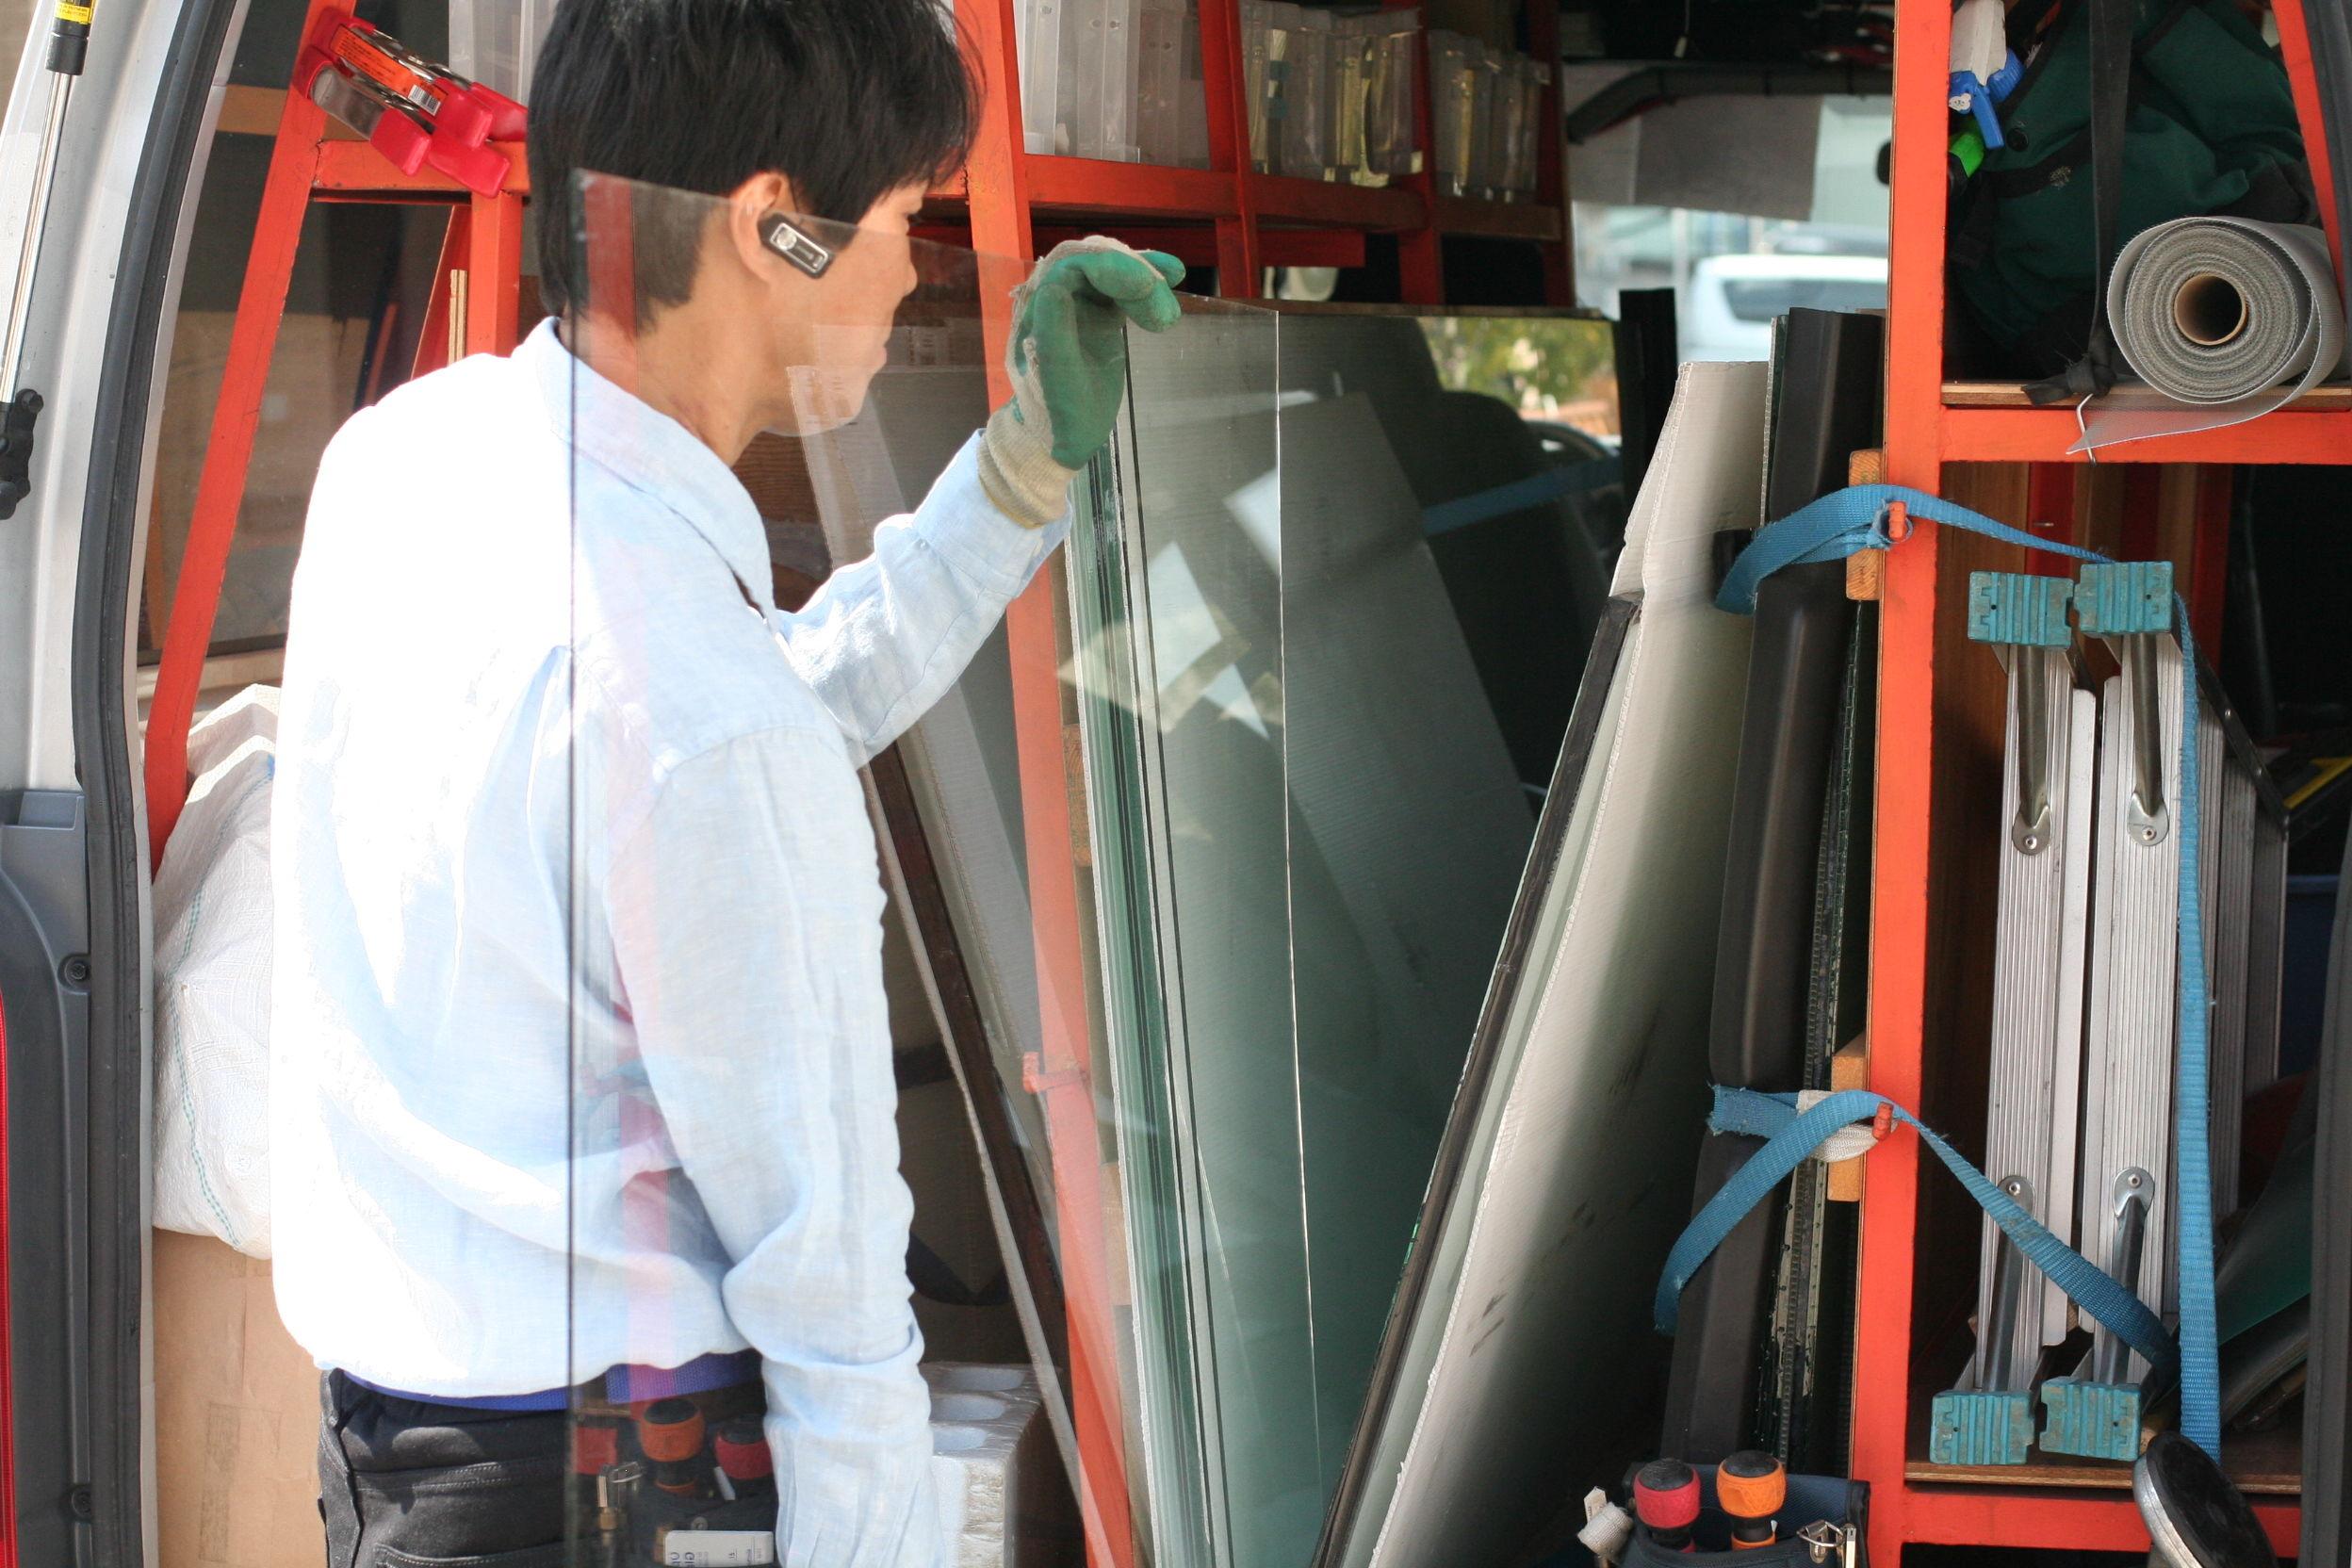 ガラスのトラブル救Q隊.24【堺市北区 出張エリア】のメイン画像